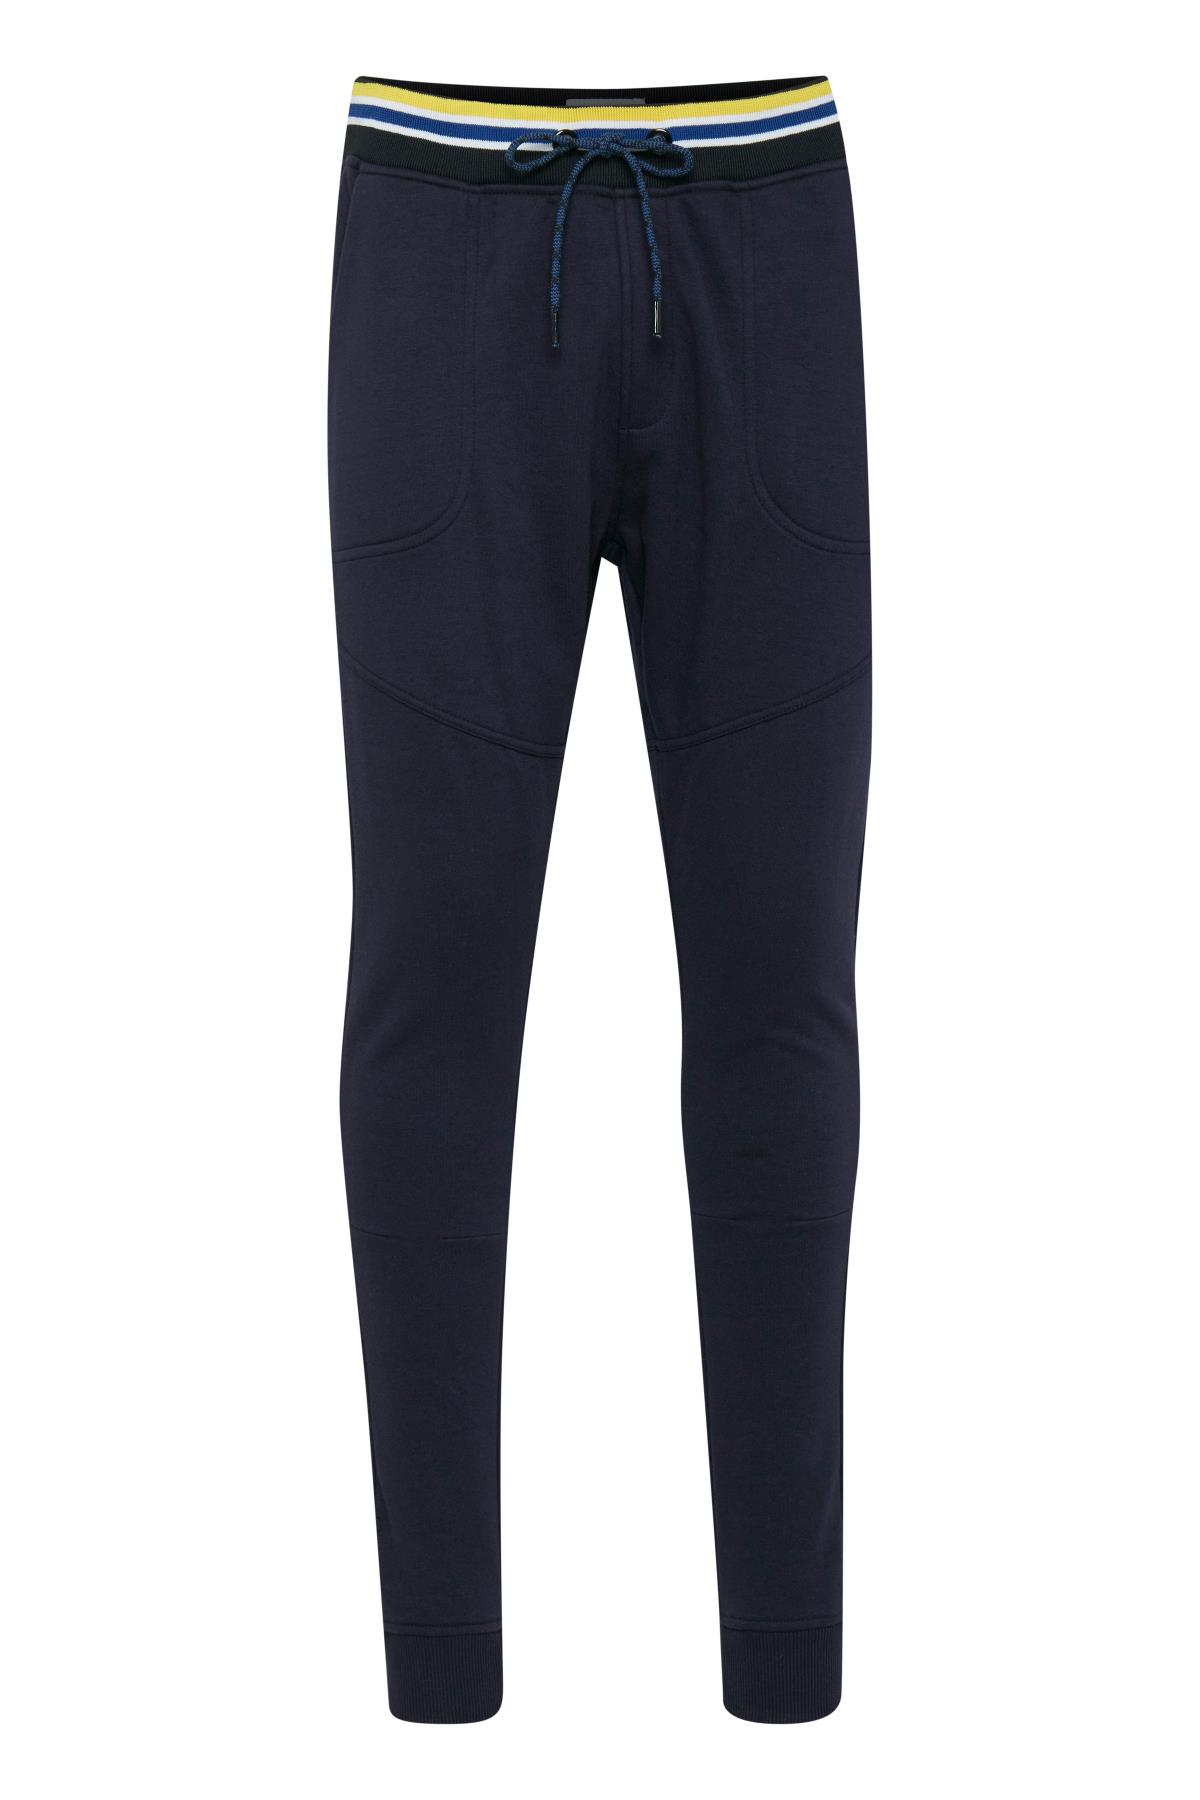 Pants Casual fra Blend He – Køb  Pants Casual fra str. S-XL her